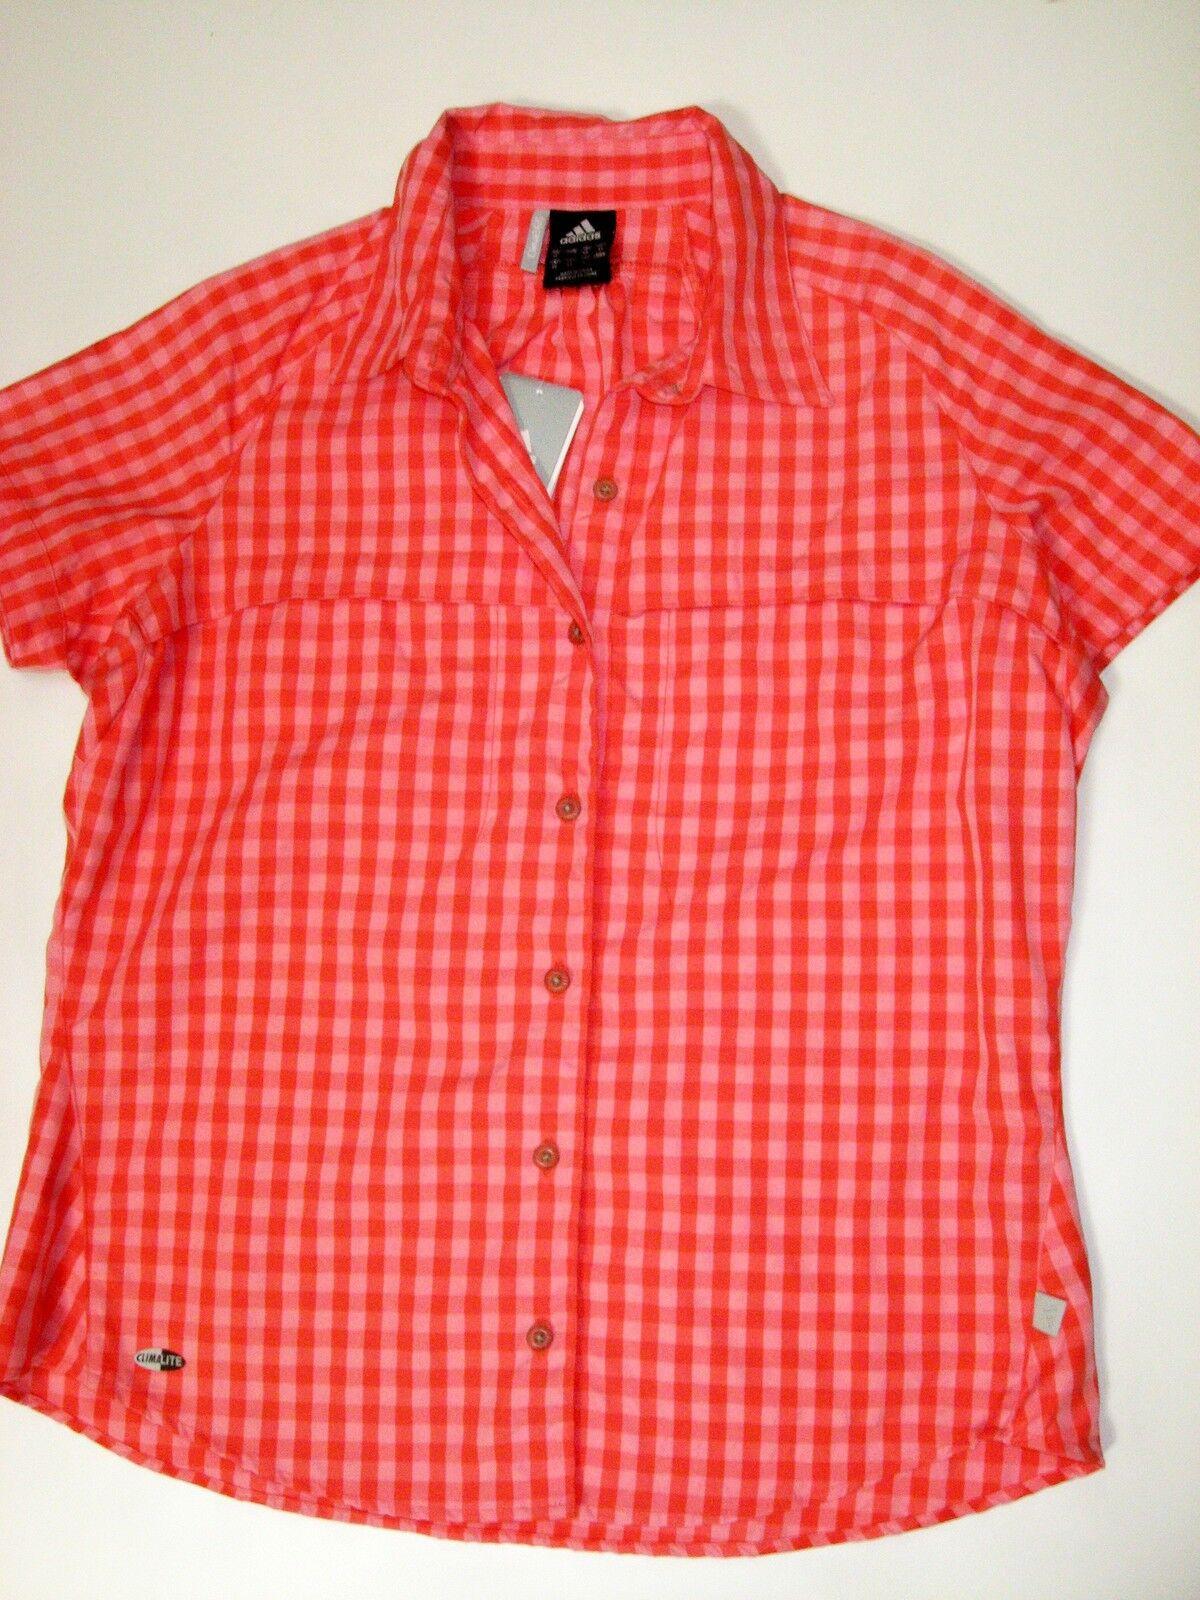 Adidas Plaid blouse 640388 W Kartaya SS Sh Clima365 Hiking Trekking Walking